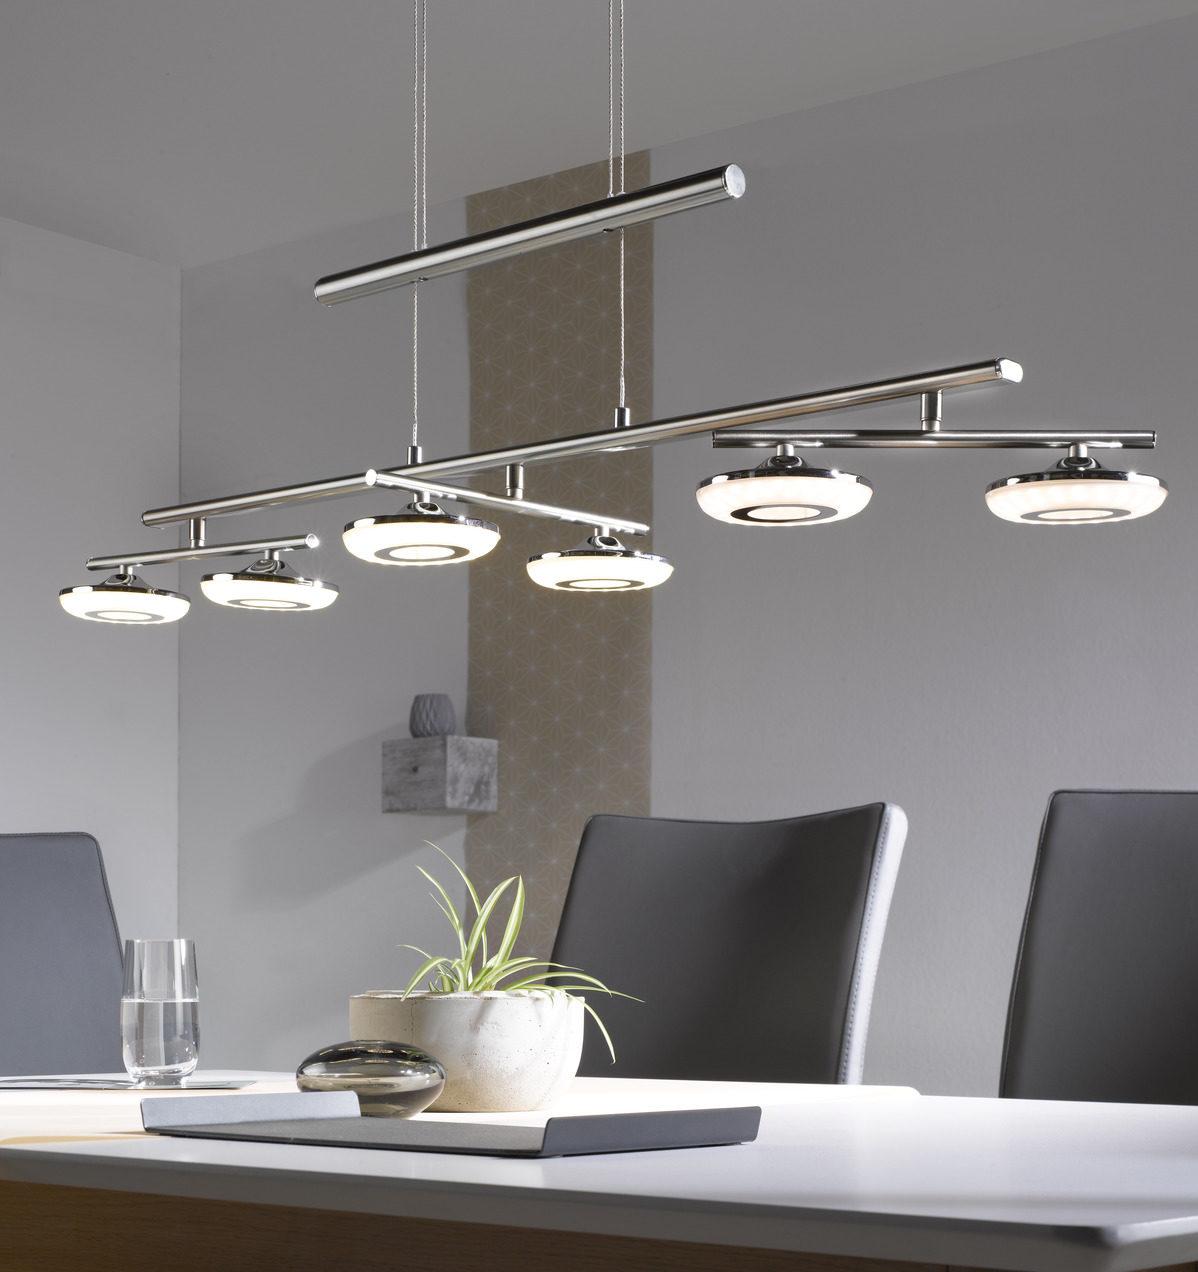 Esszimmer Lampen Drehbar Einrichtungspartnerring Räume Esszimmer Lampen  Leuchten